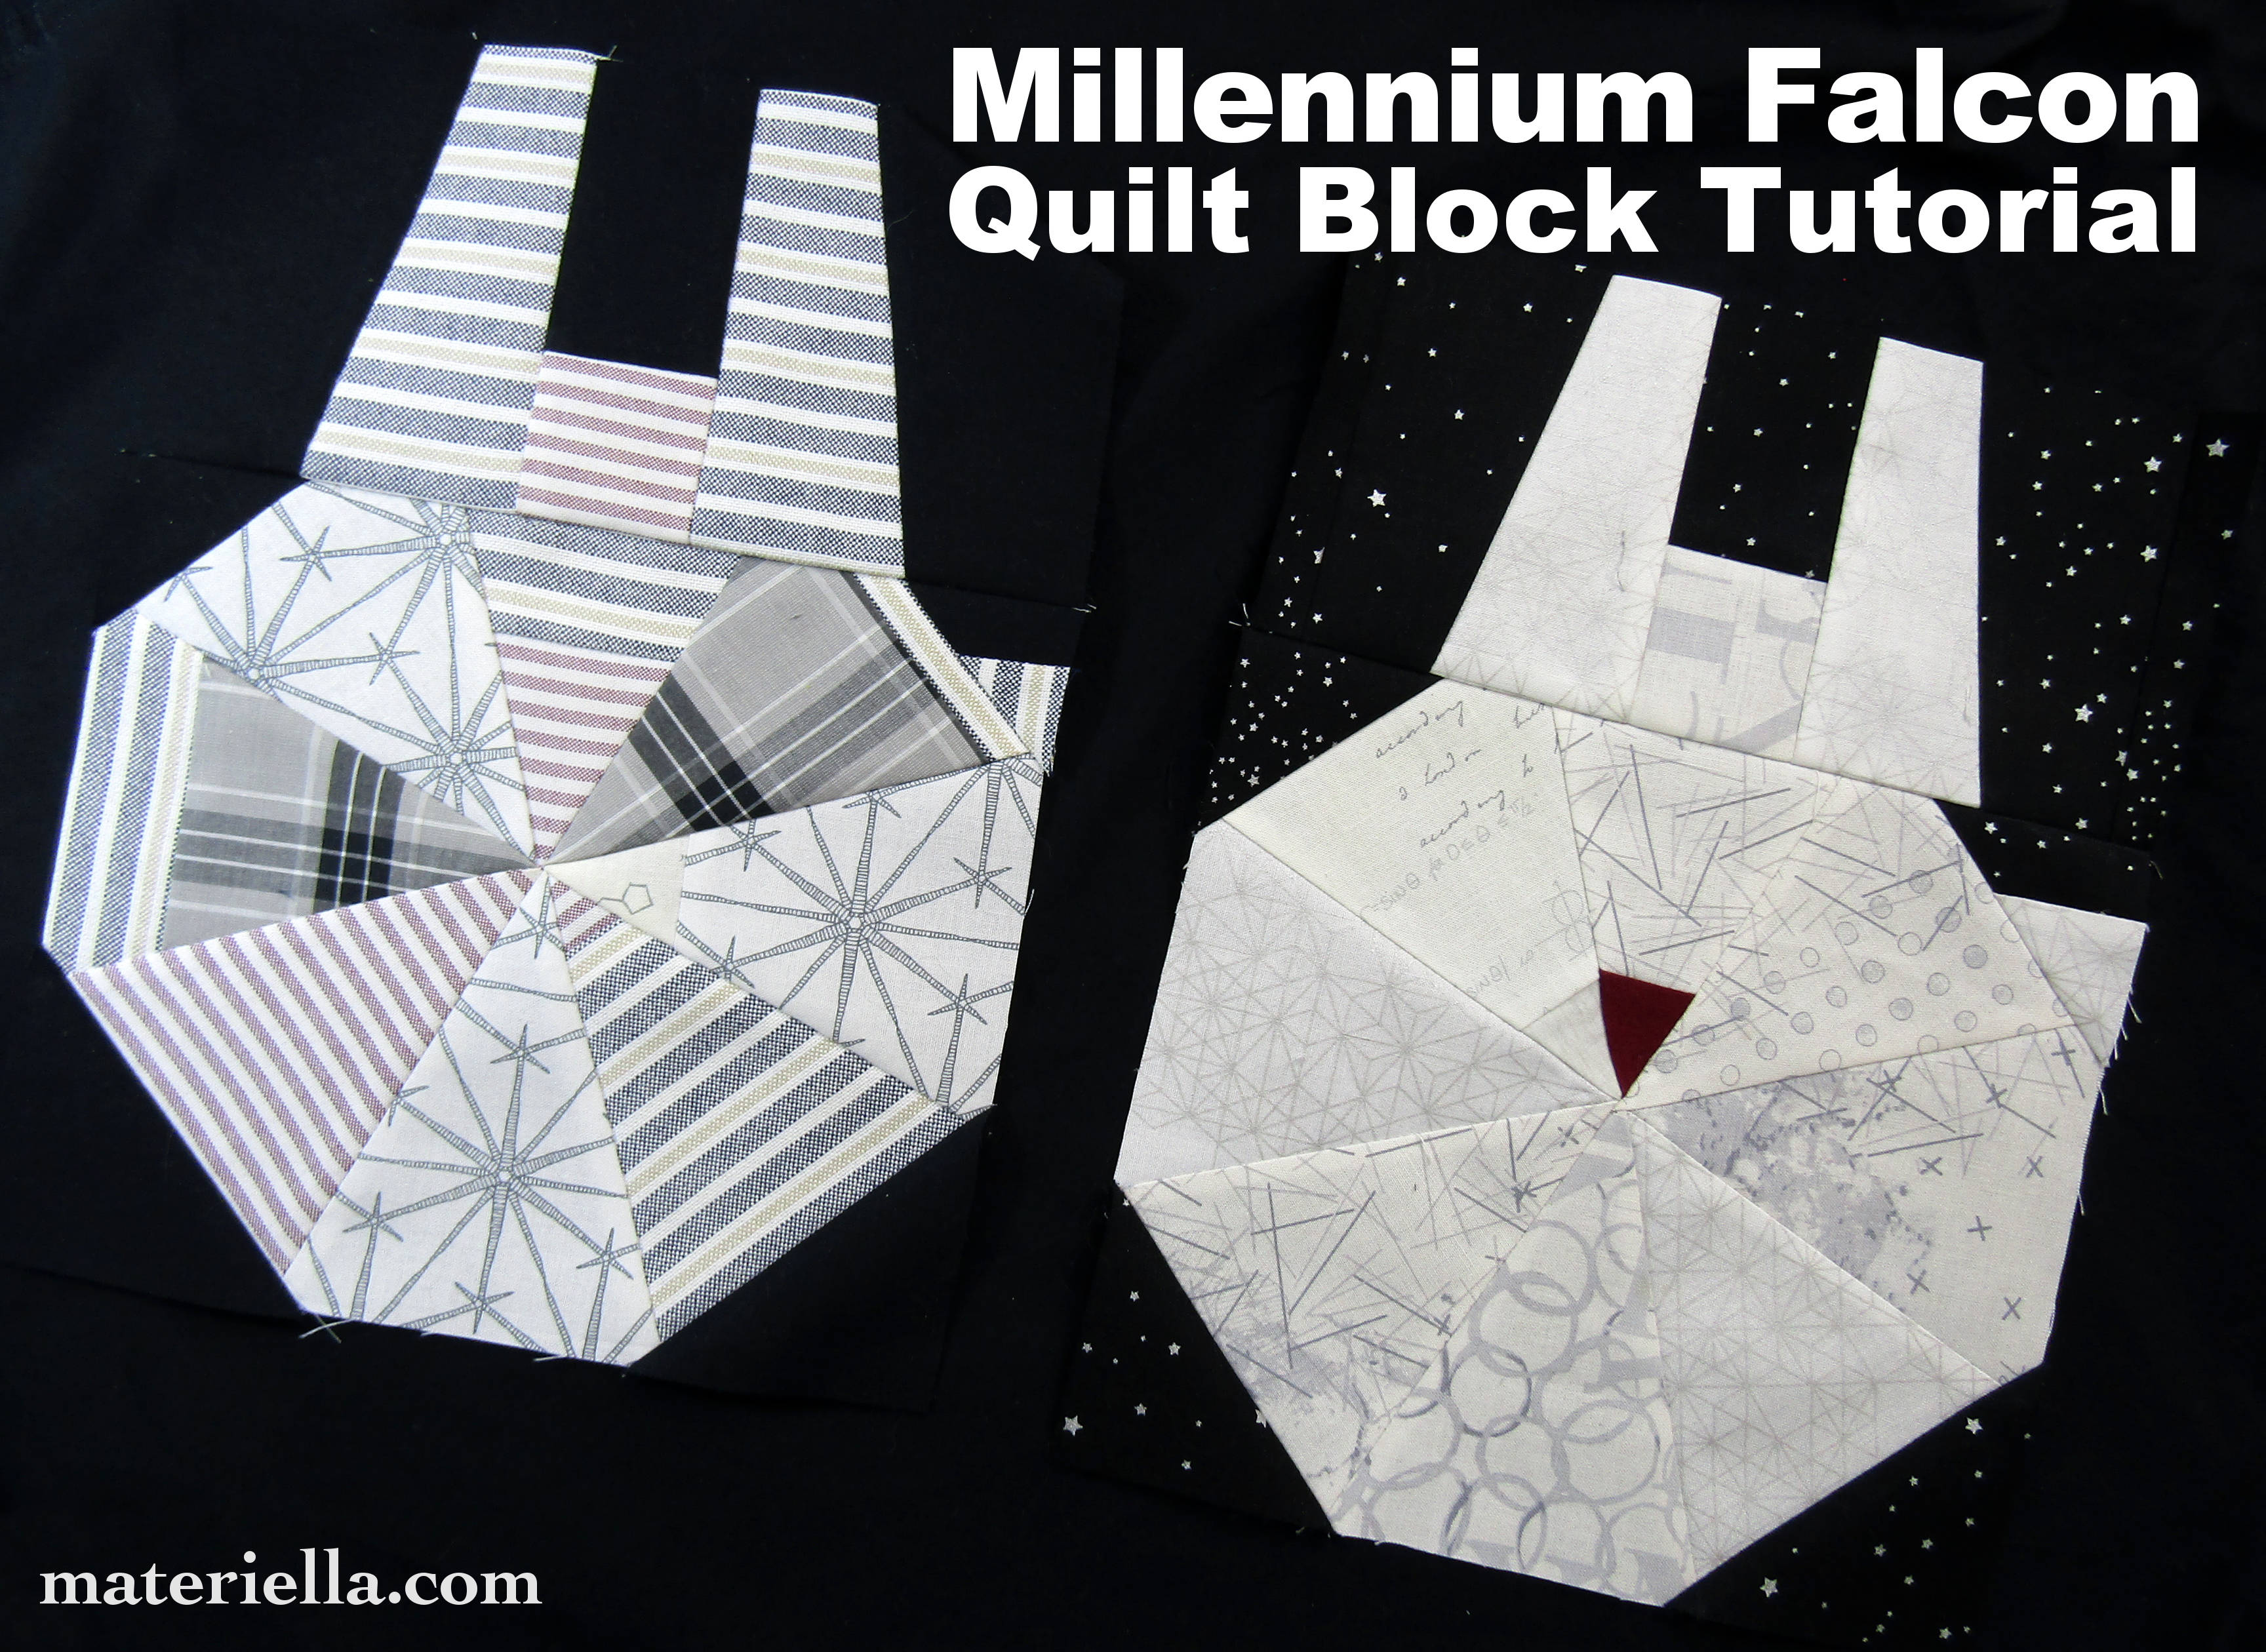 MillenialFalcons